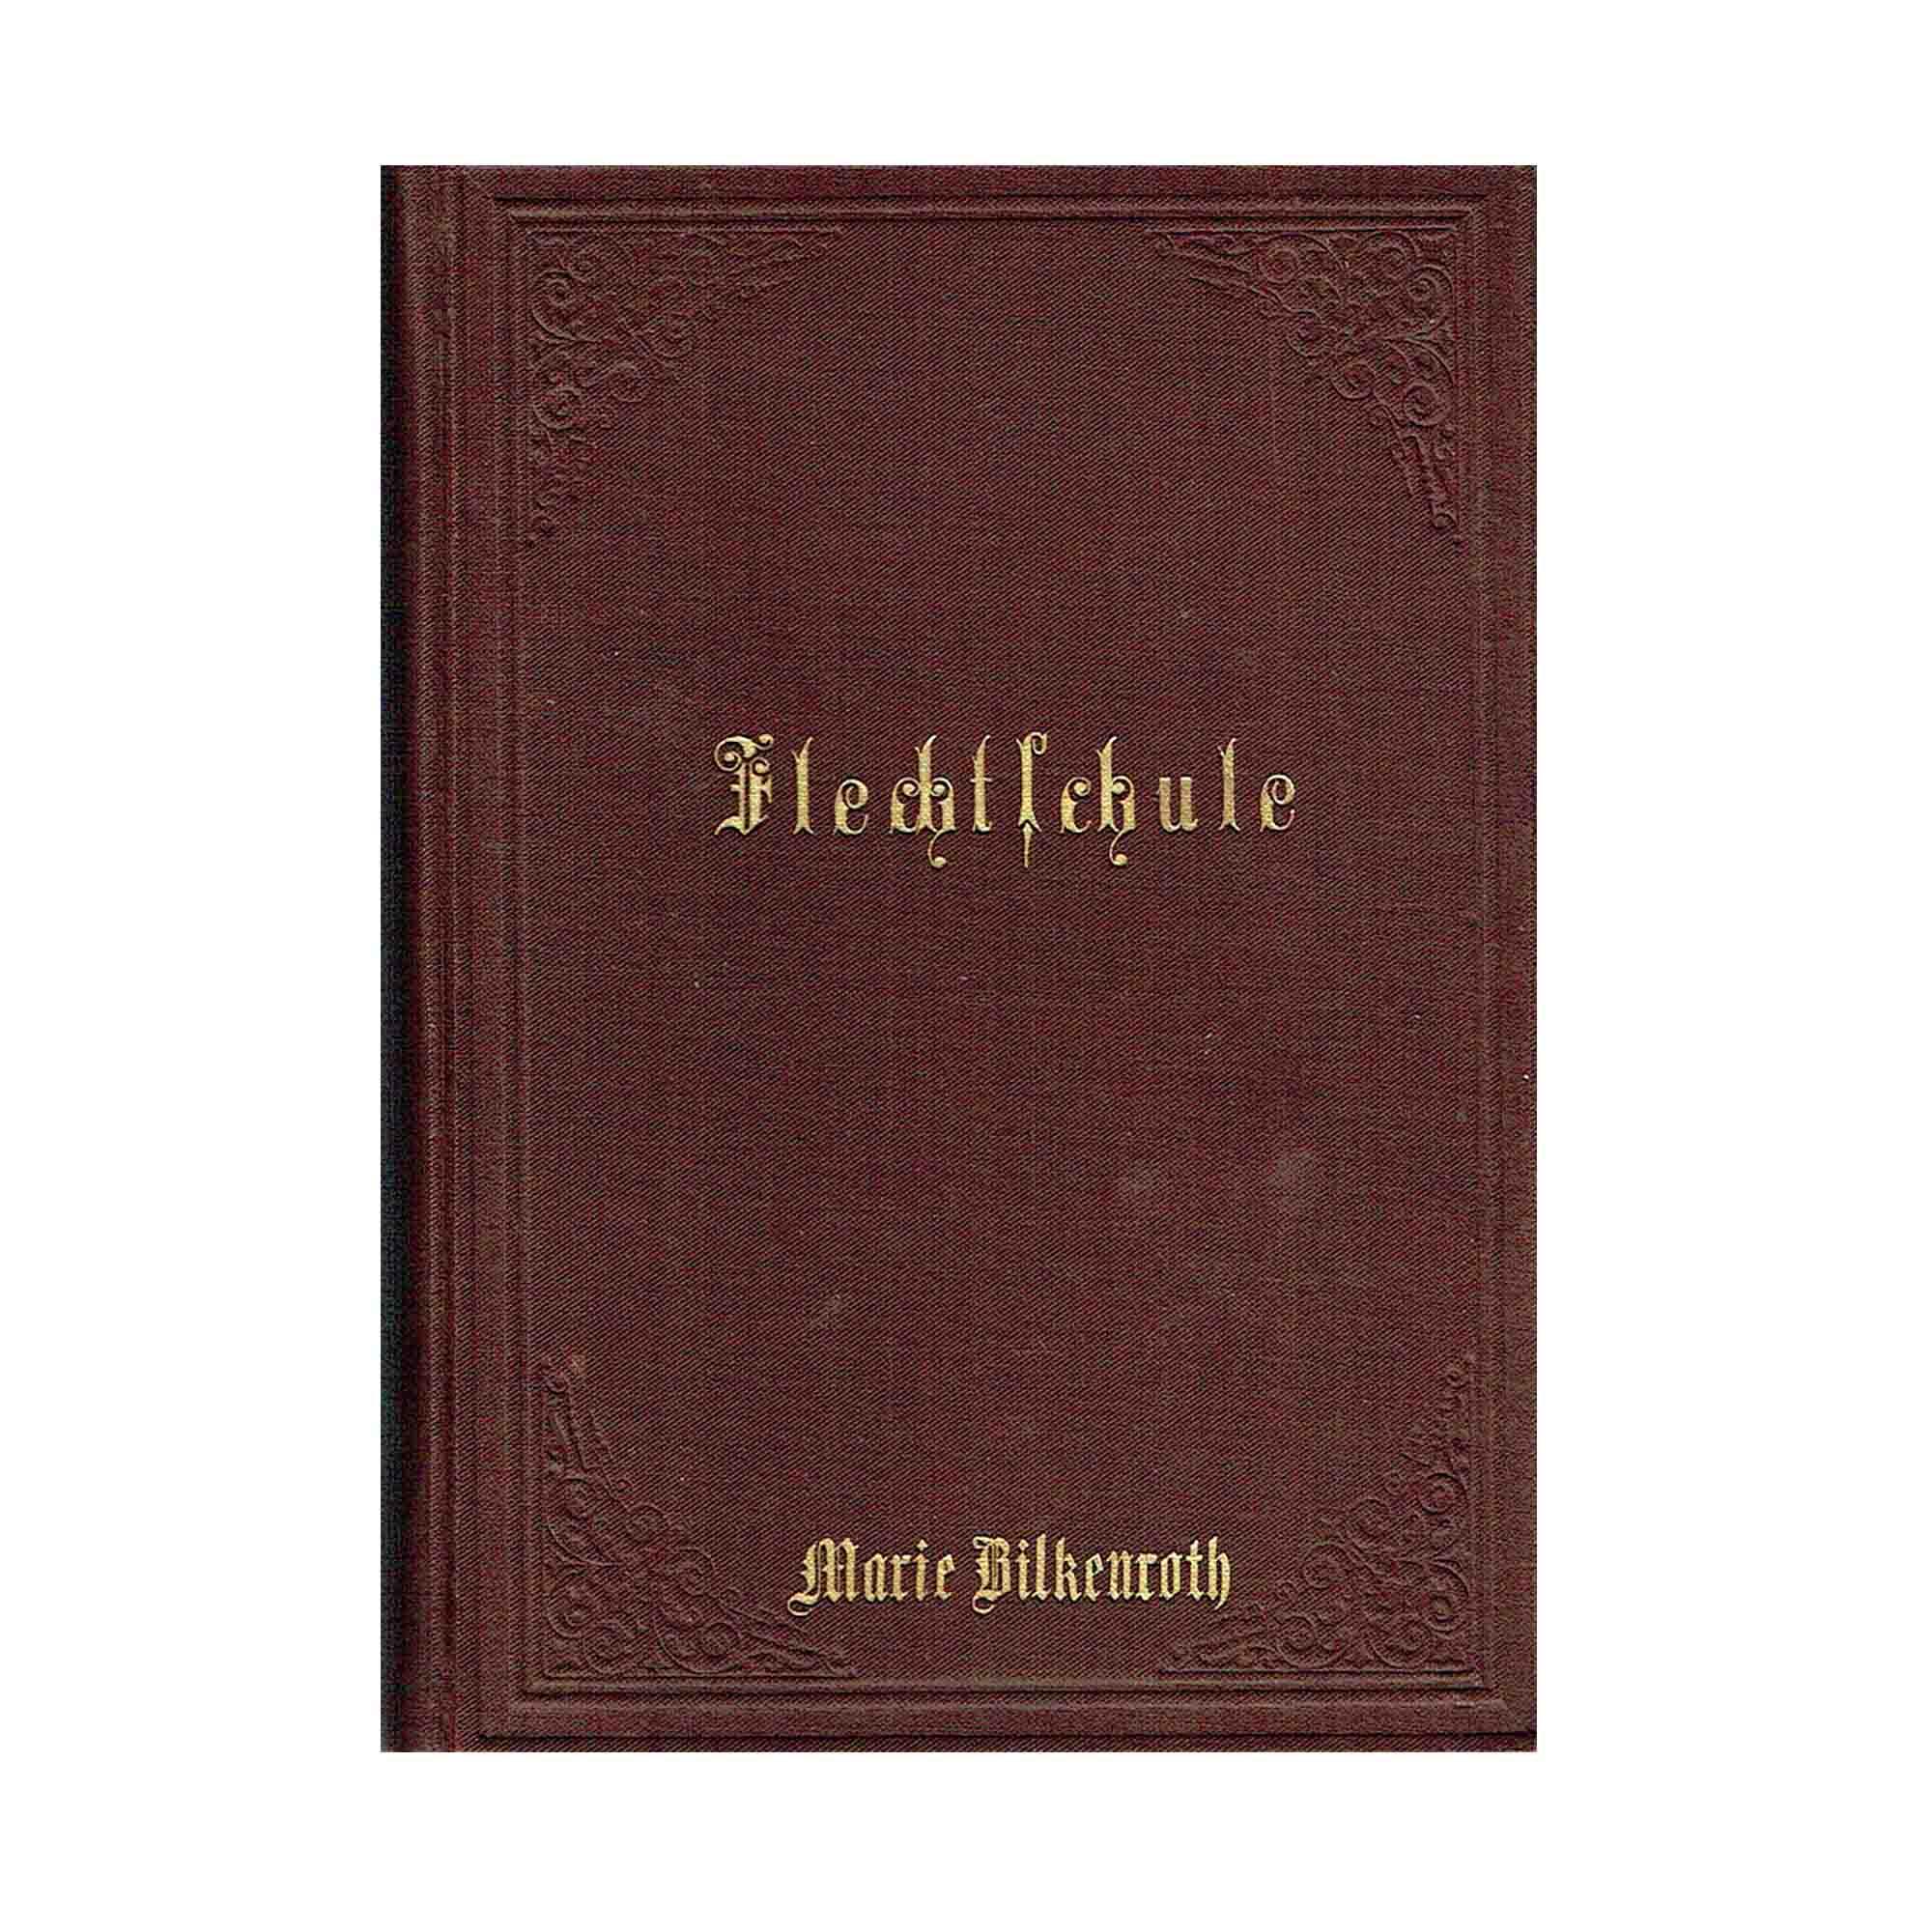 7025-Flechtschule-Bilkenroth-1881-1-N.jpg